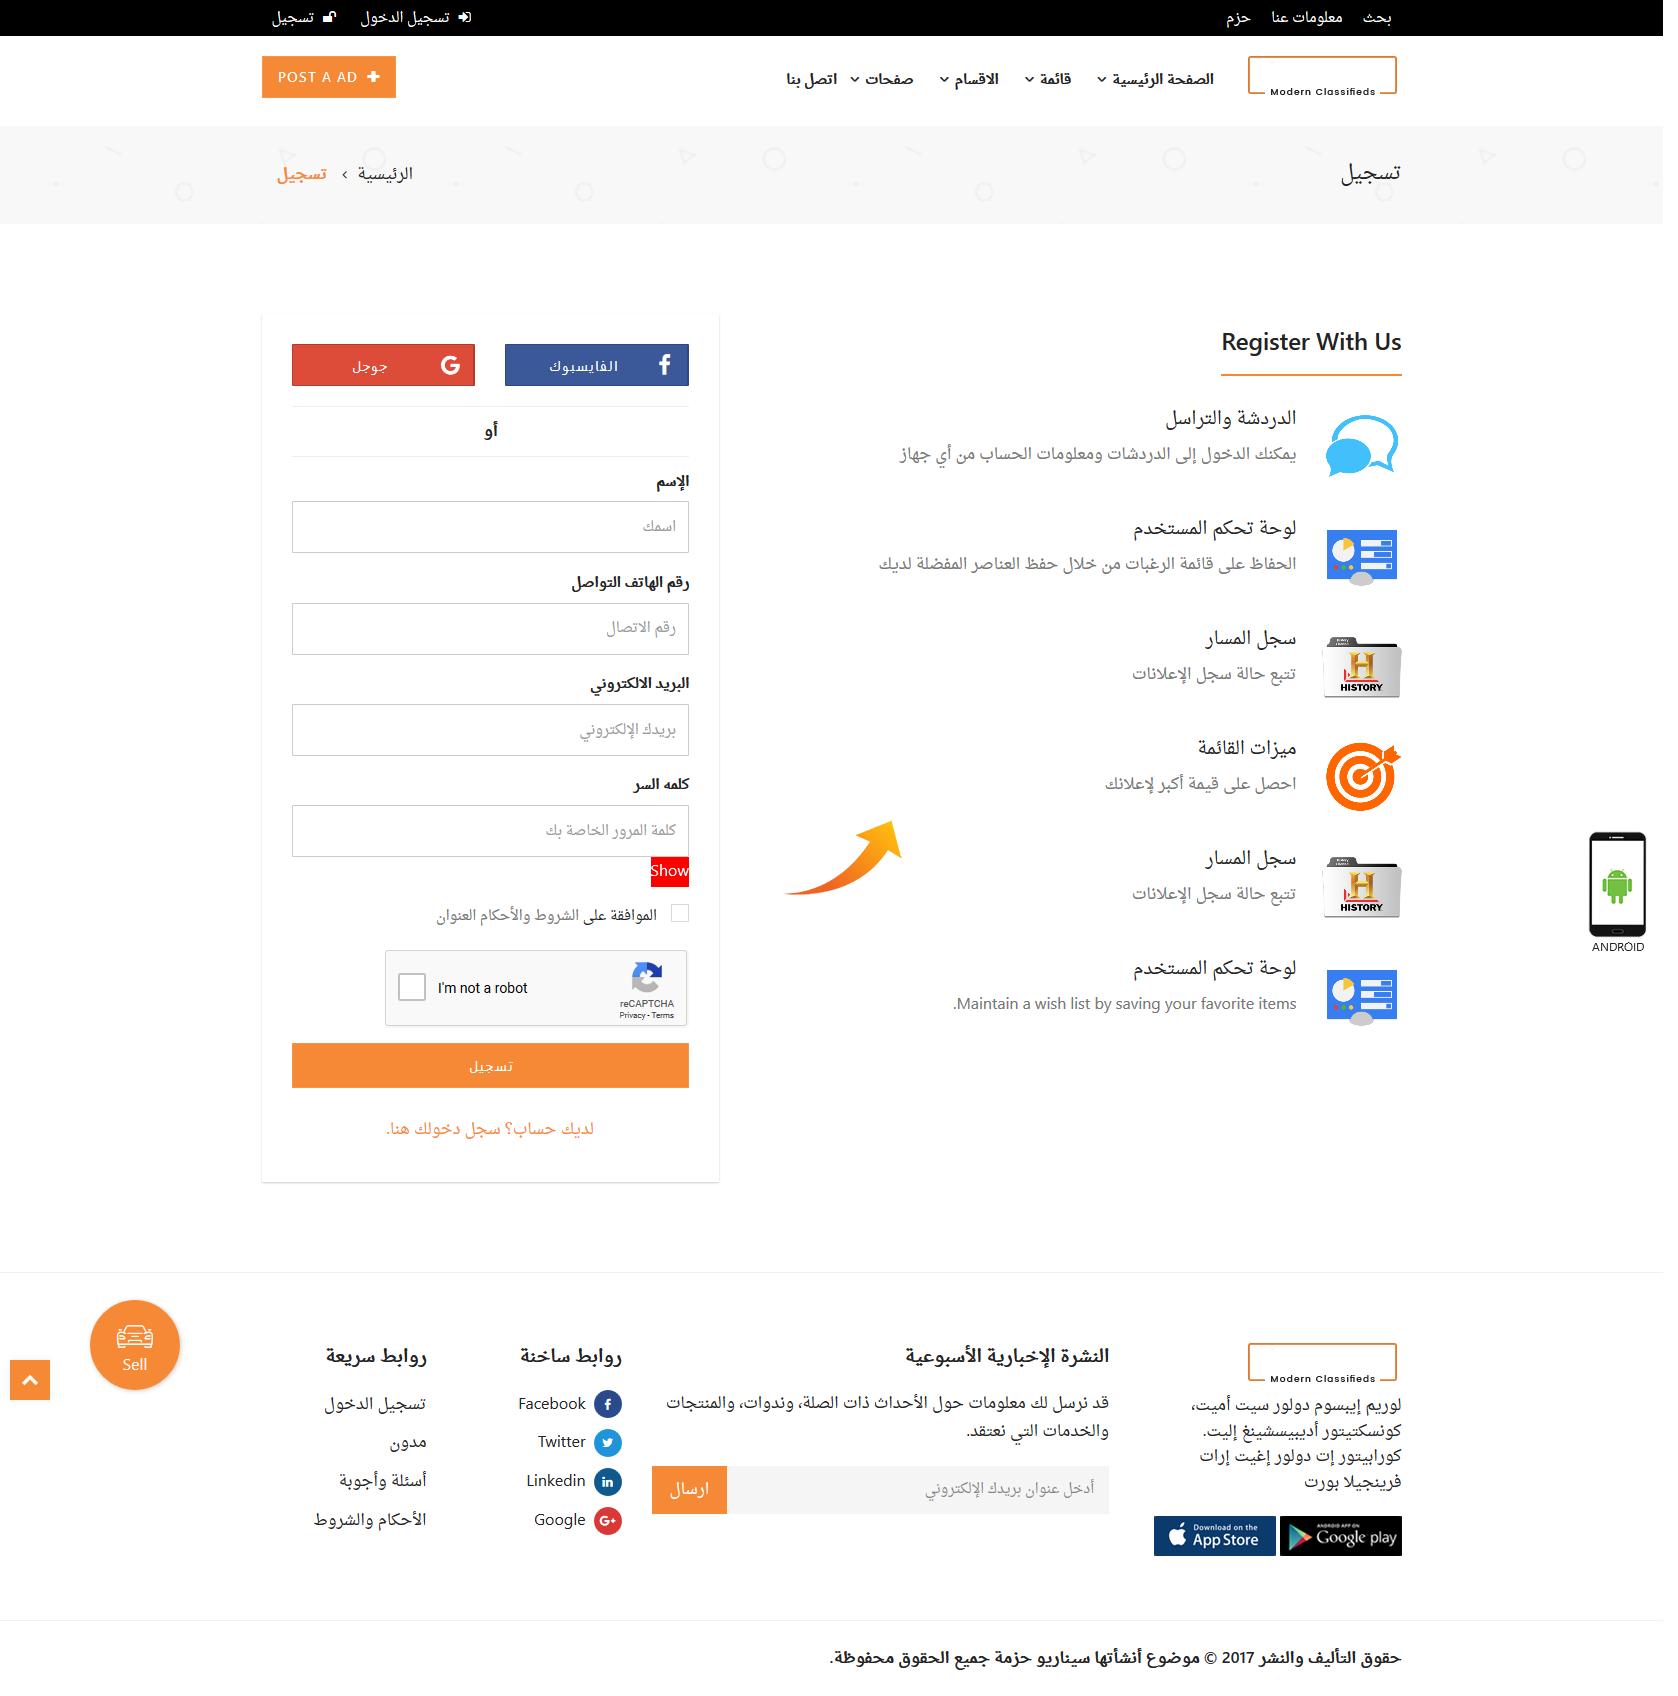 تصميم برنامج موقع سوق تسوق تسويق اعلانات مبوبة - صفحة تسجيل اشتراك عضو جديد في الموقع